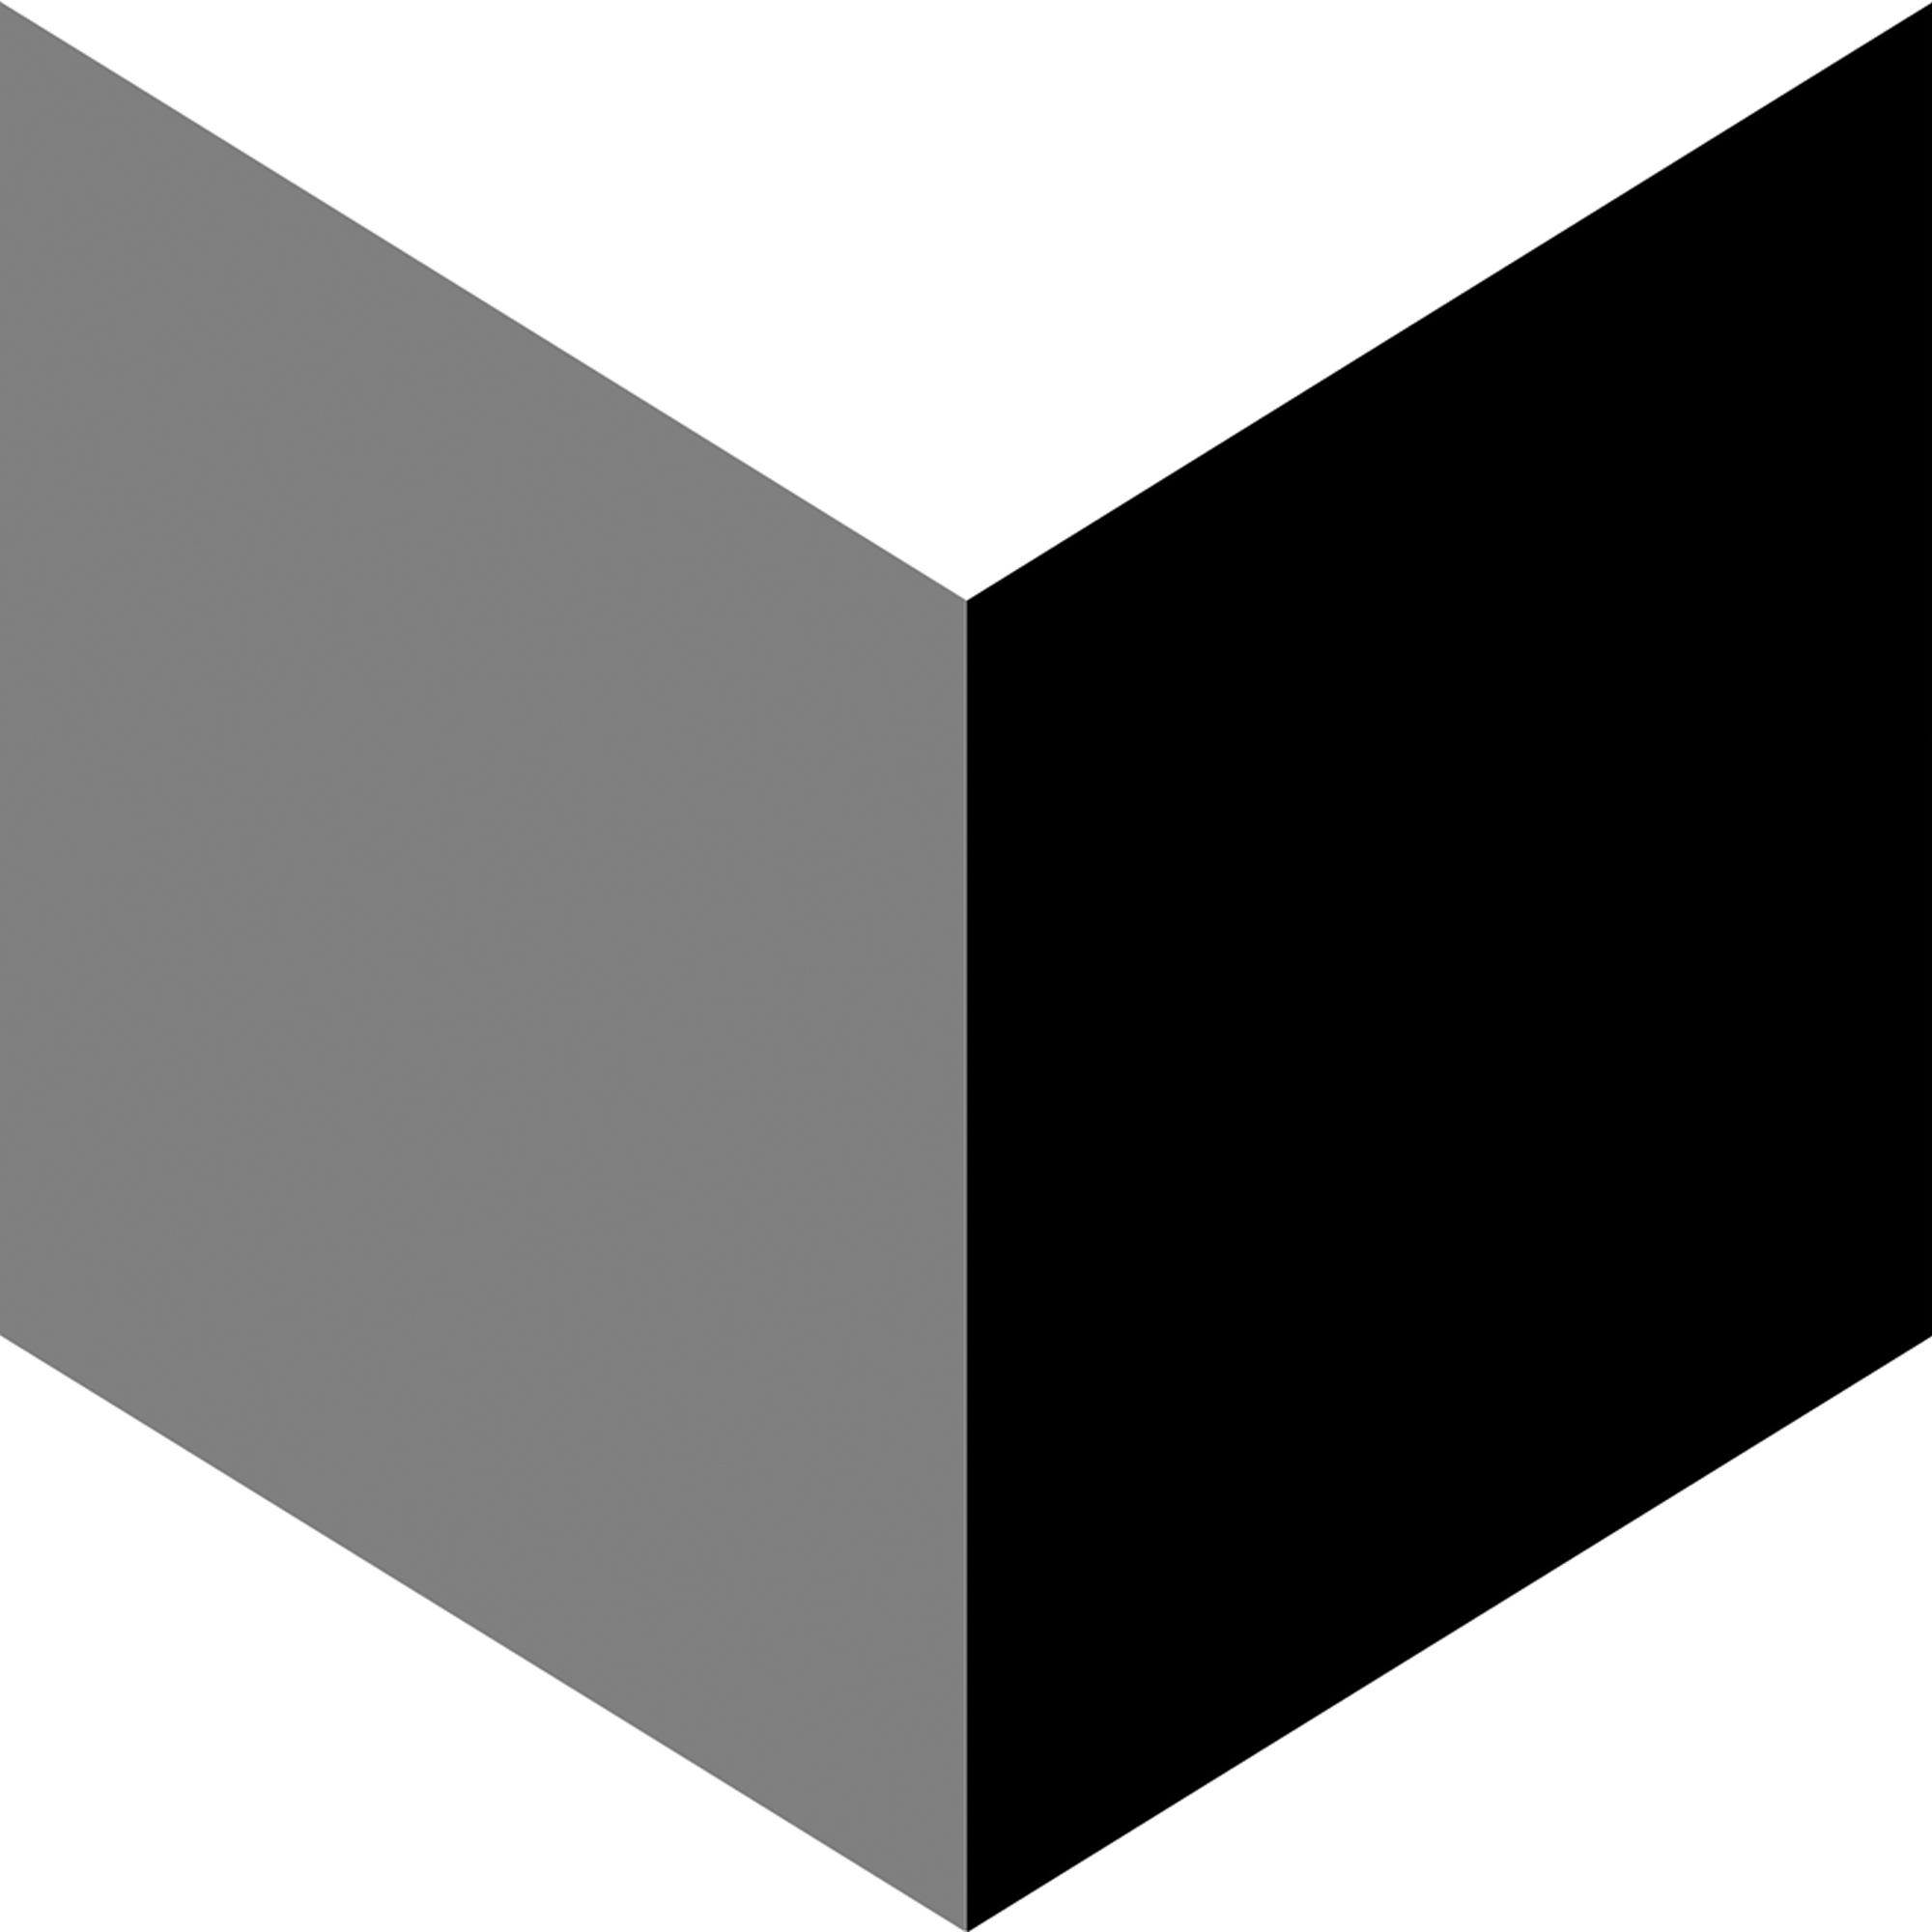 K94843800001VTE0, Retromix, Harmaa, lattia,pakkasenkesto,uimahalli